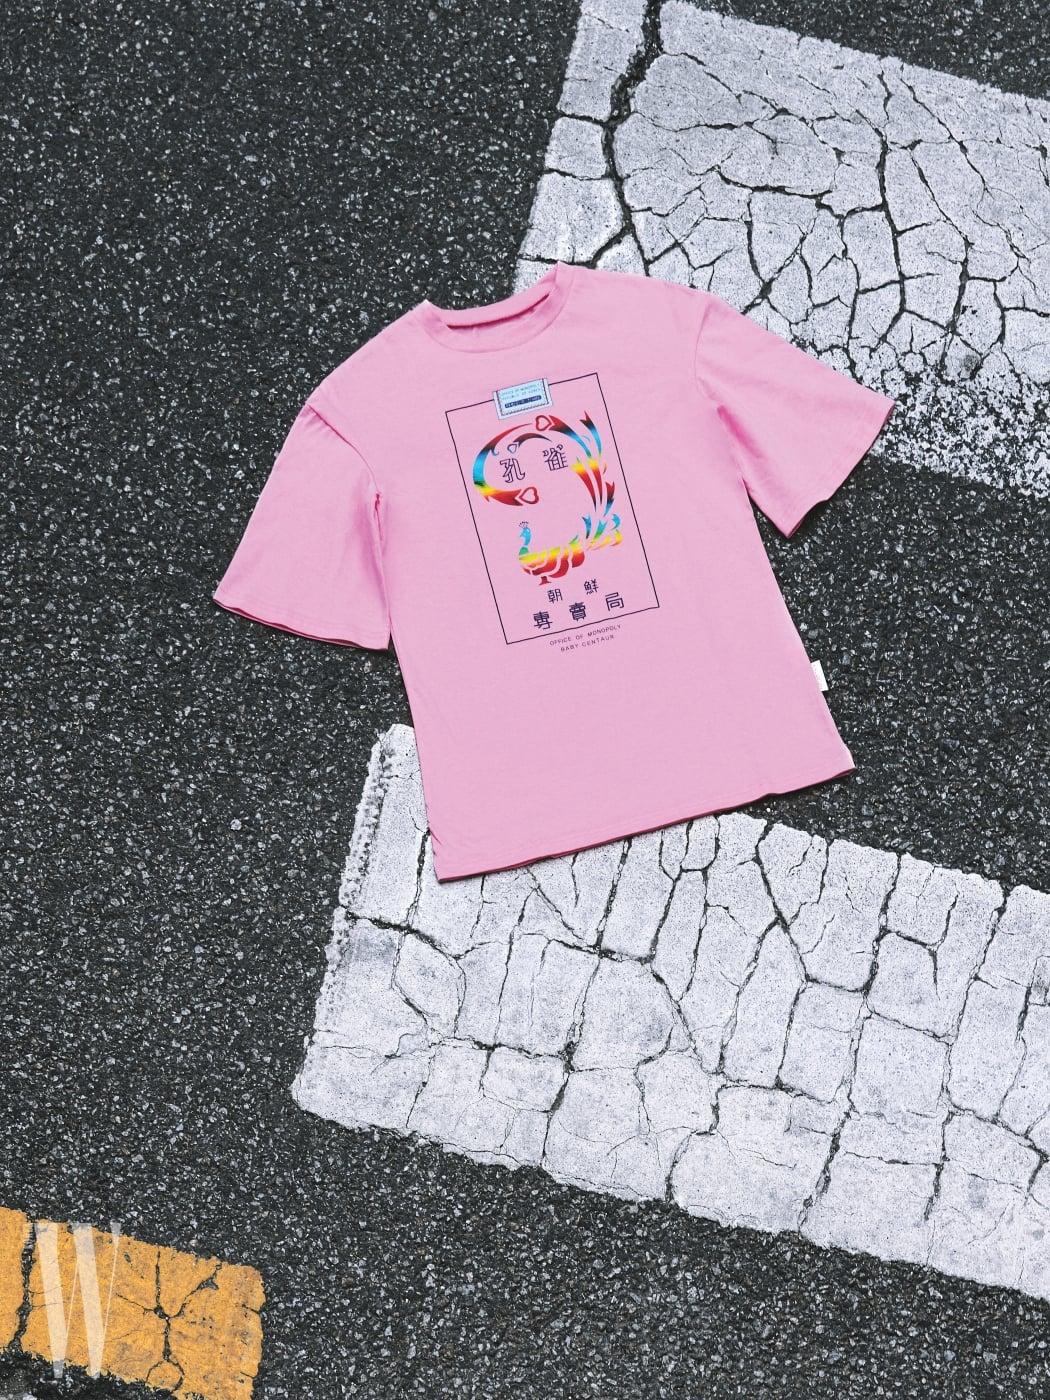 4 키치한 동양적인 프린트를 얹은 반소매 티셔츠는 베이비센토르 제품. 5만4천원.